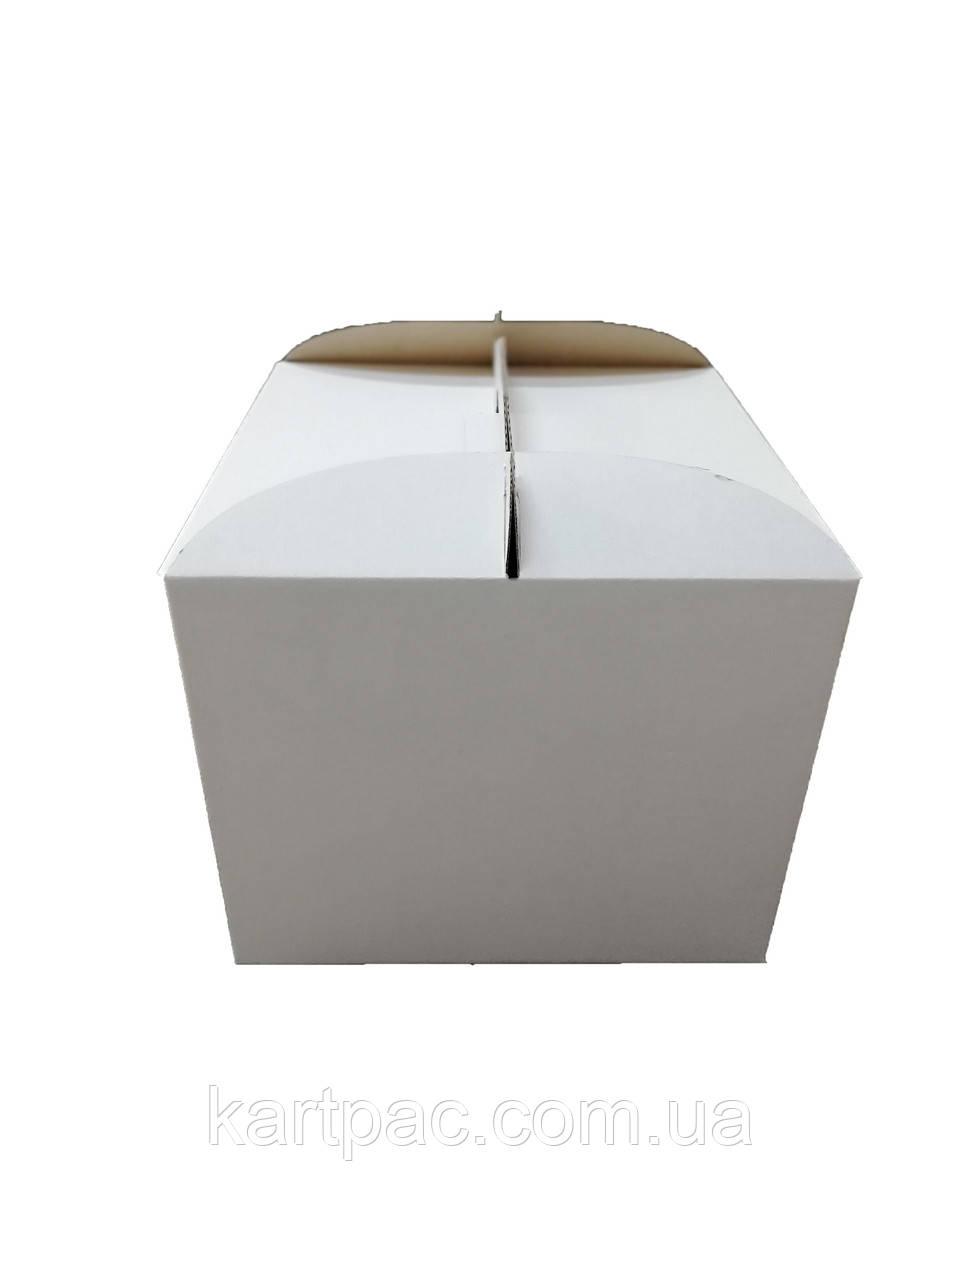 Картонная упаковка для тортов 350х350х200